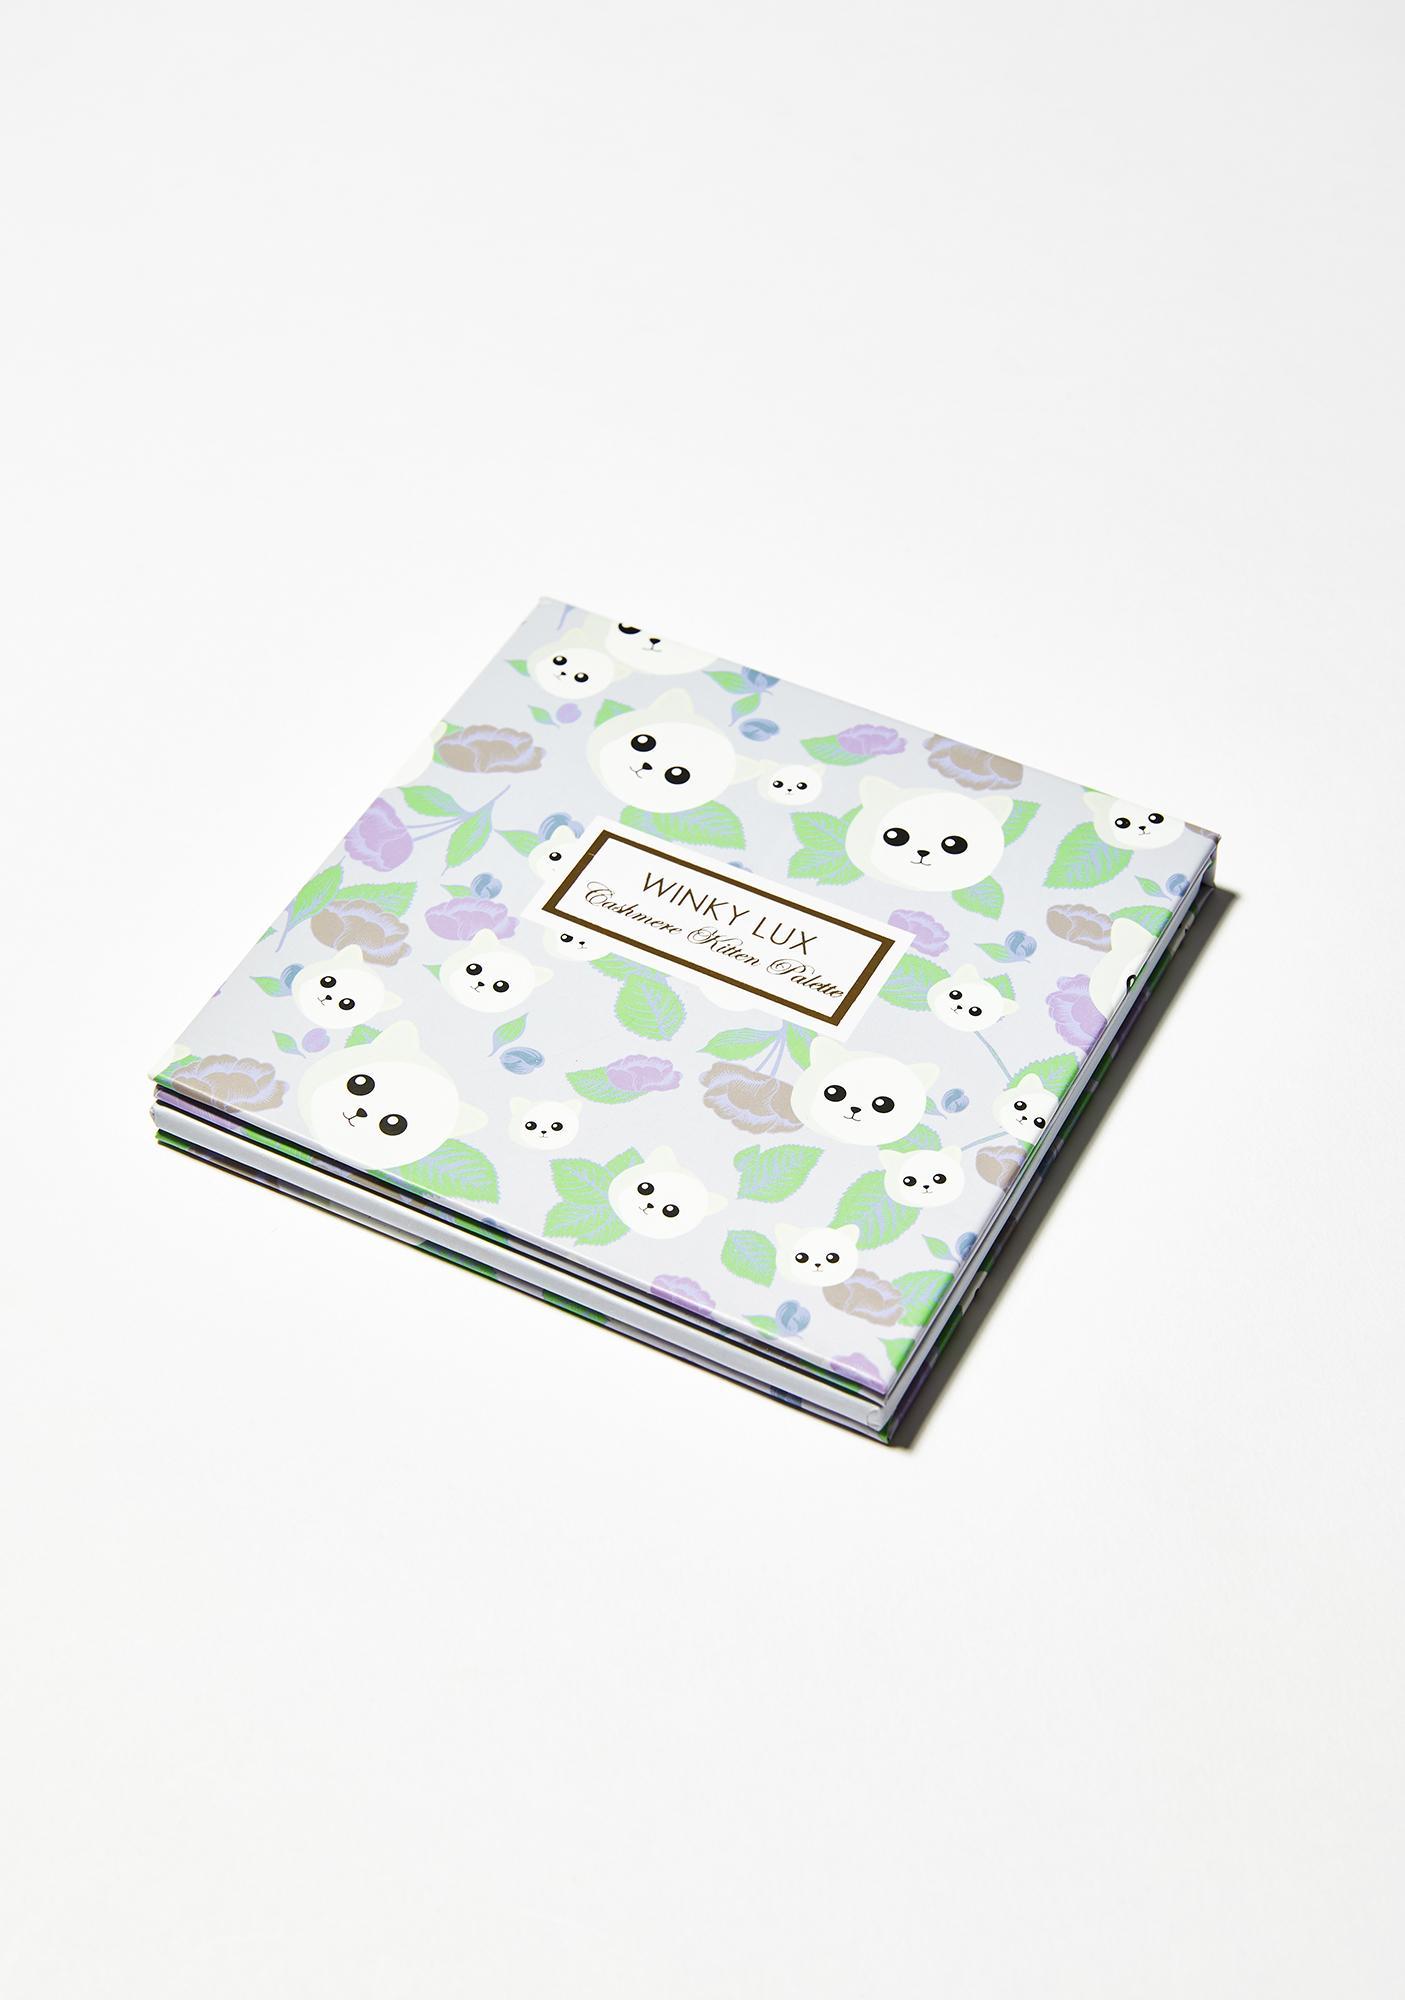 Winky Lux Cashmere Kitten Palette